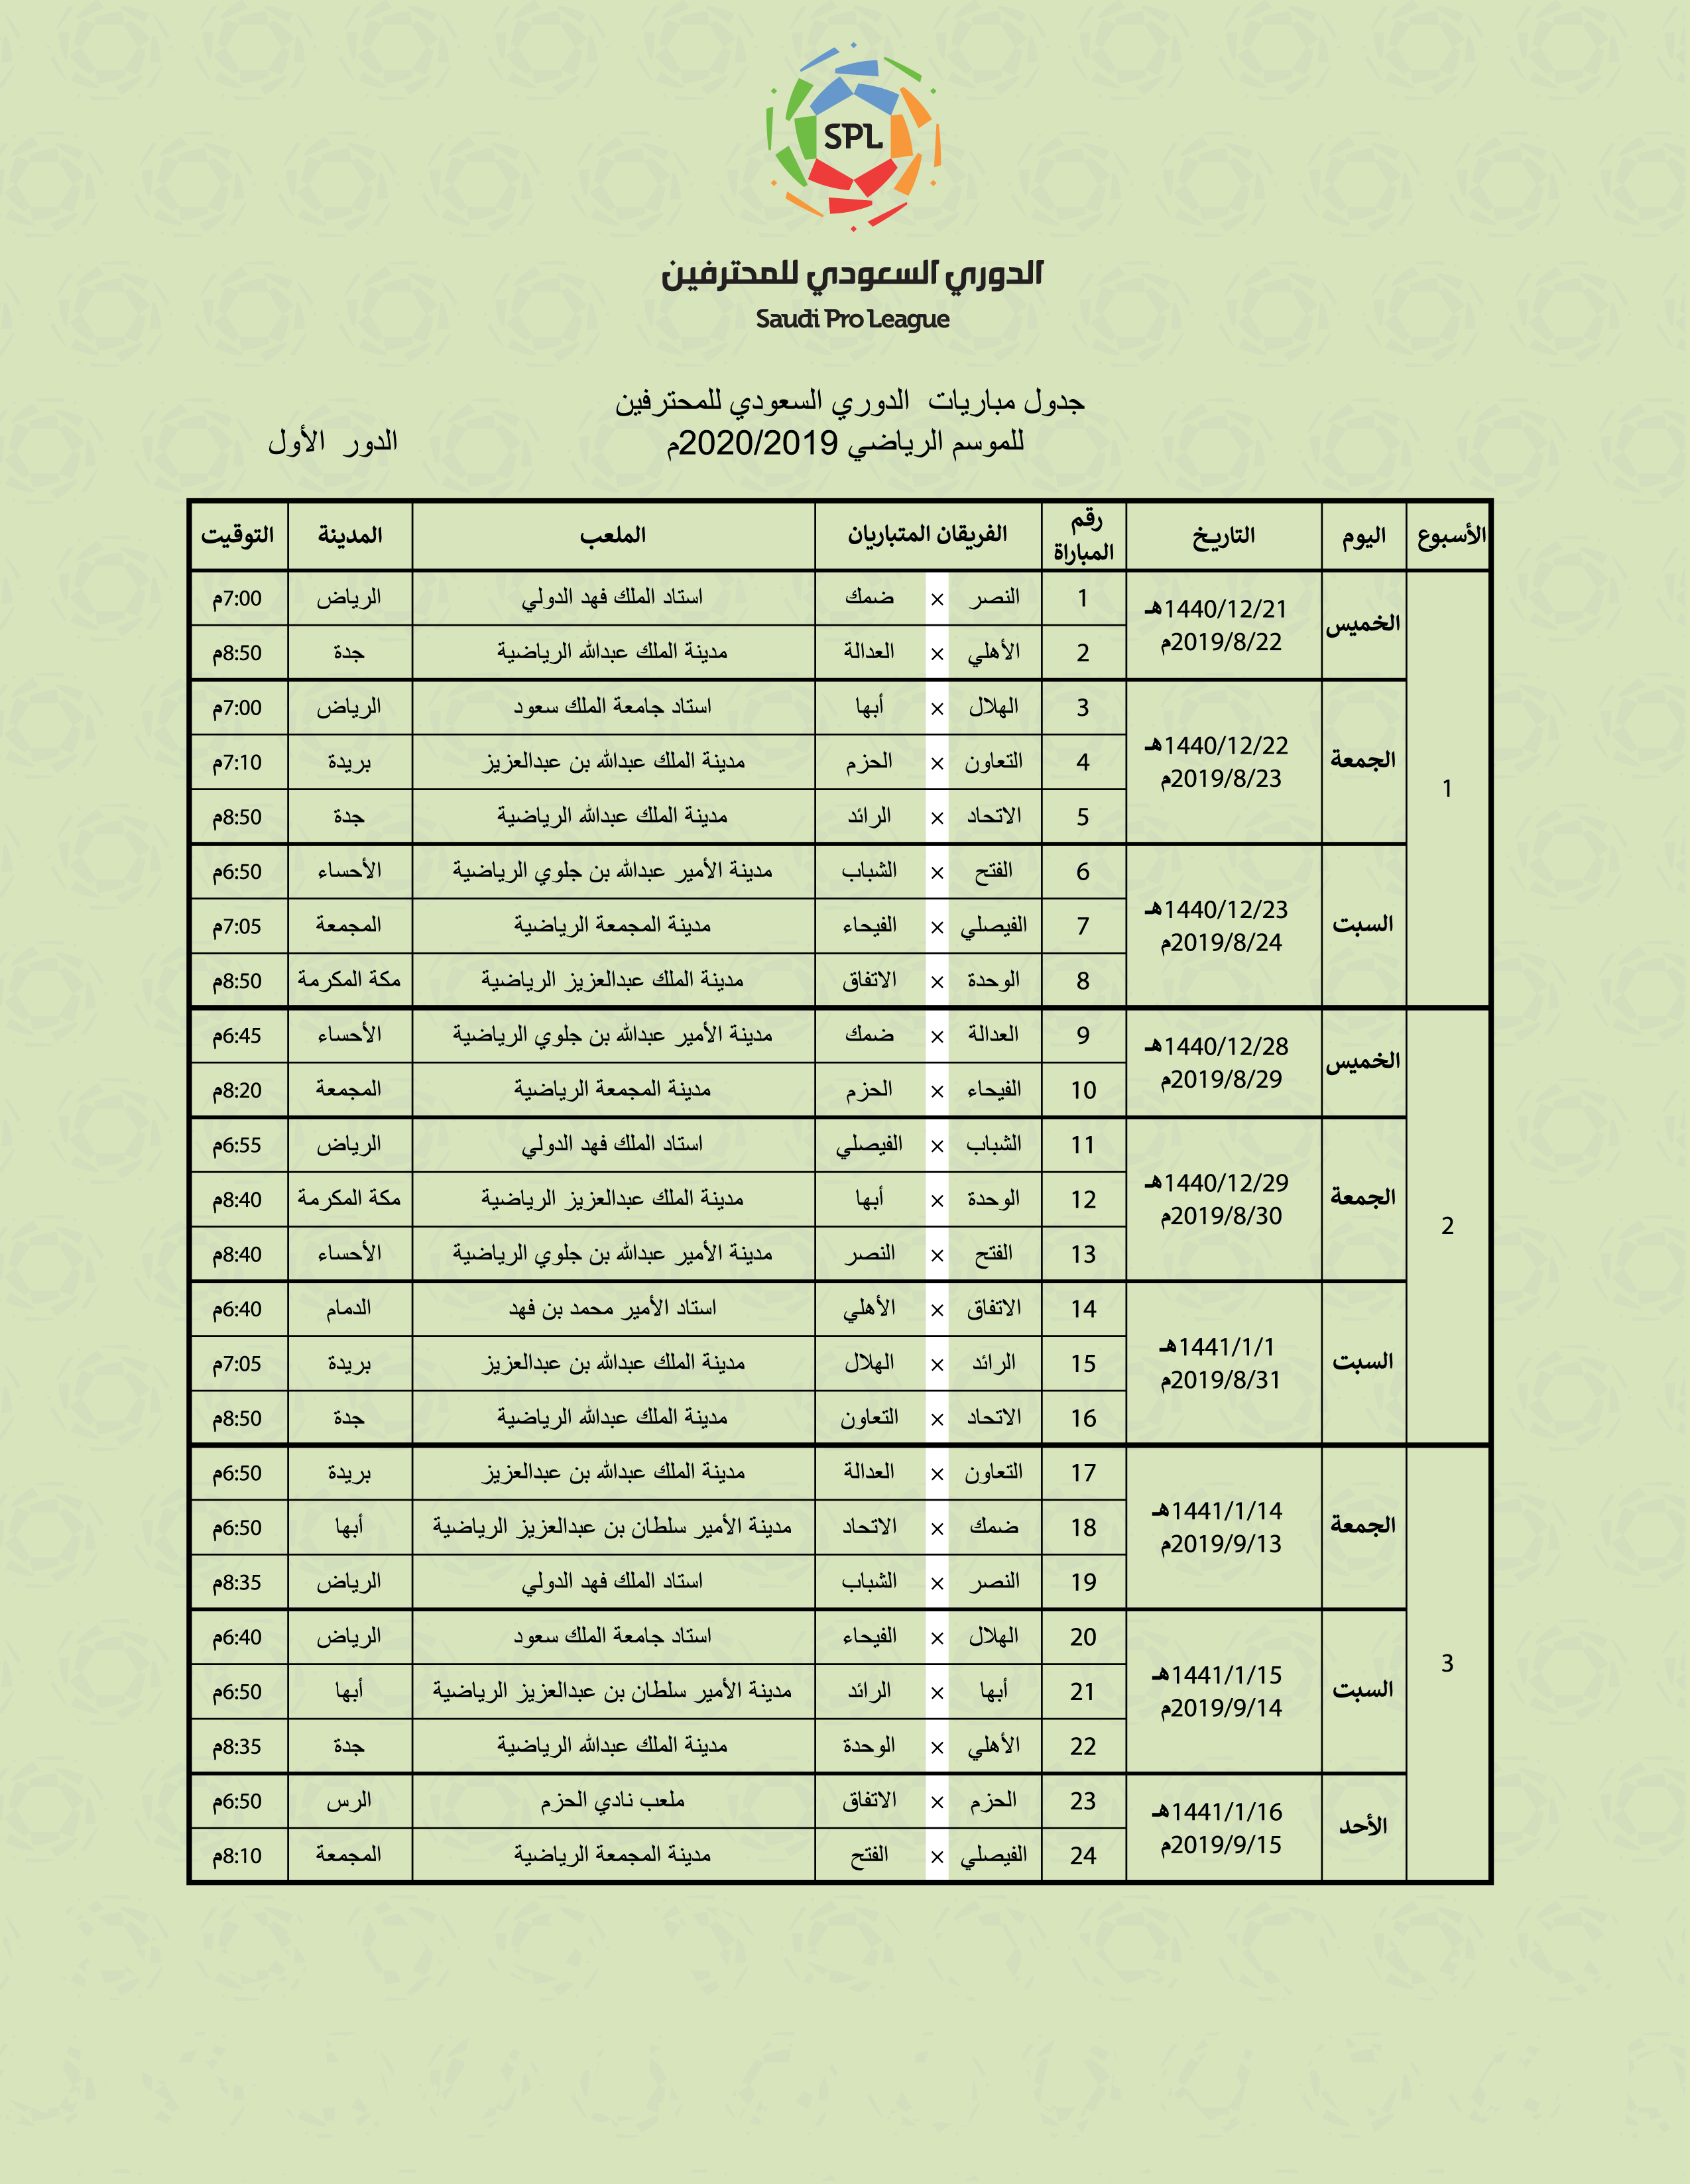 جدول الدوري السعودي 2020 بعد التعديل